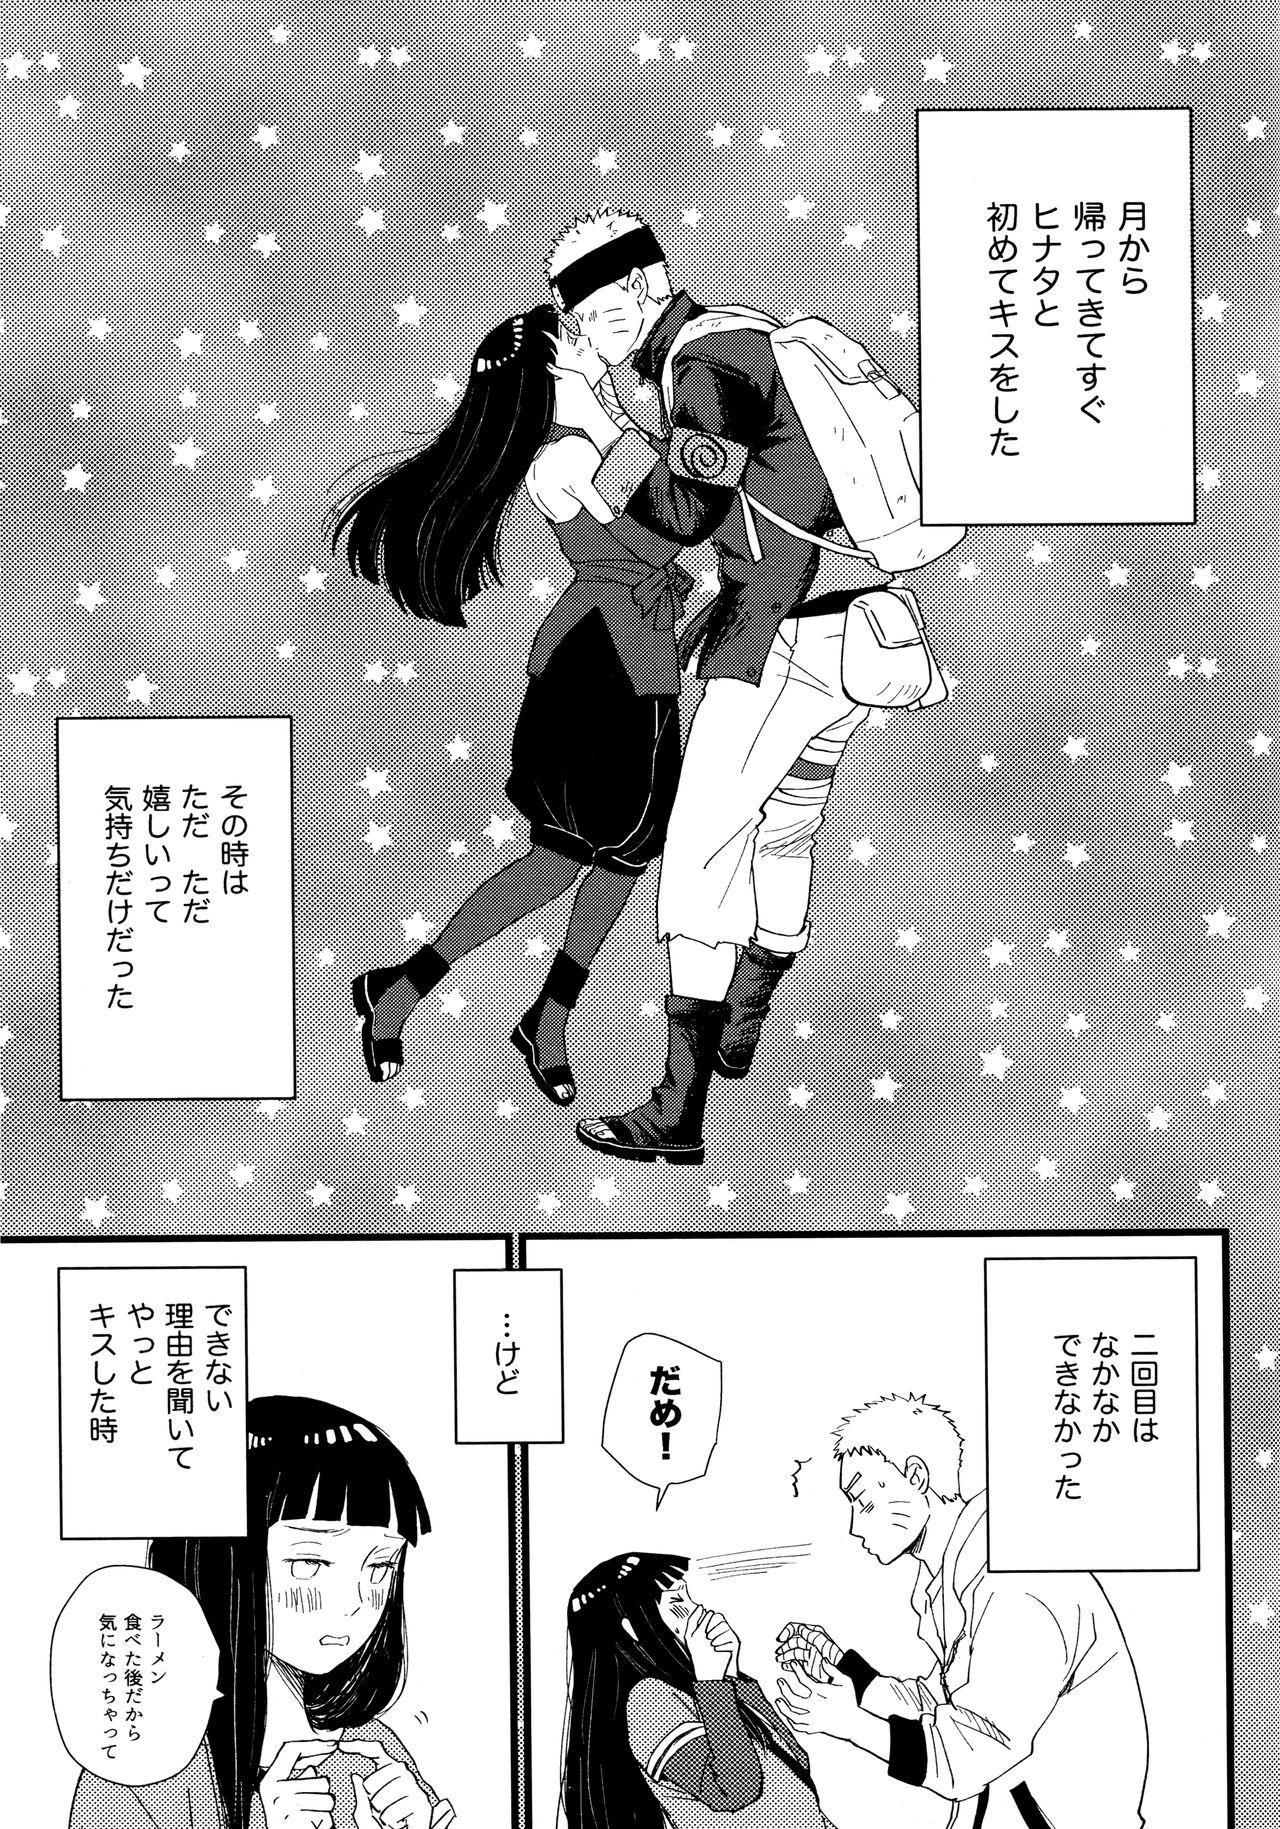 Koiwo Shiteiru Karada 1 + 2 2